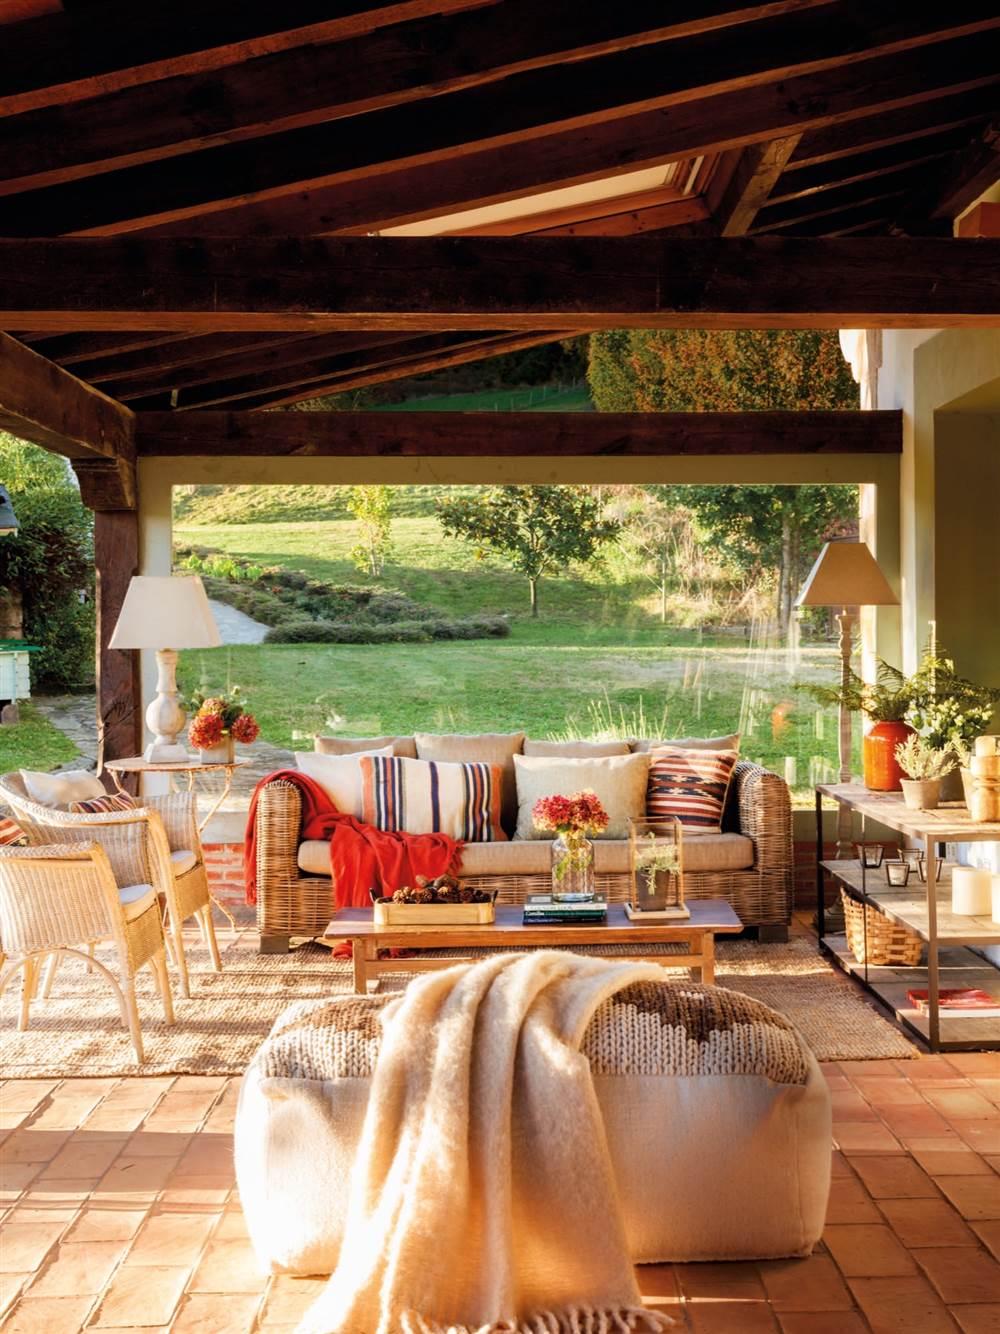 Una casa rustica en cantabria sencilla y muy acogedora for Casas rusticas pequenas